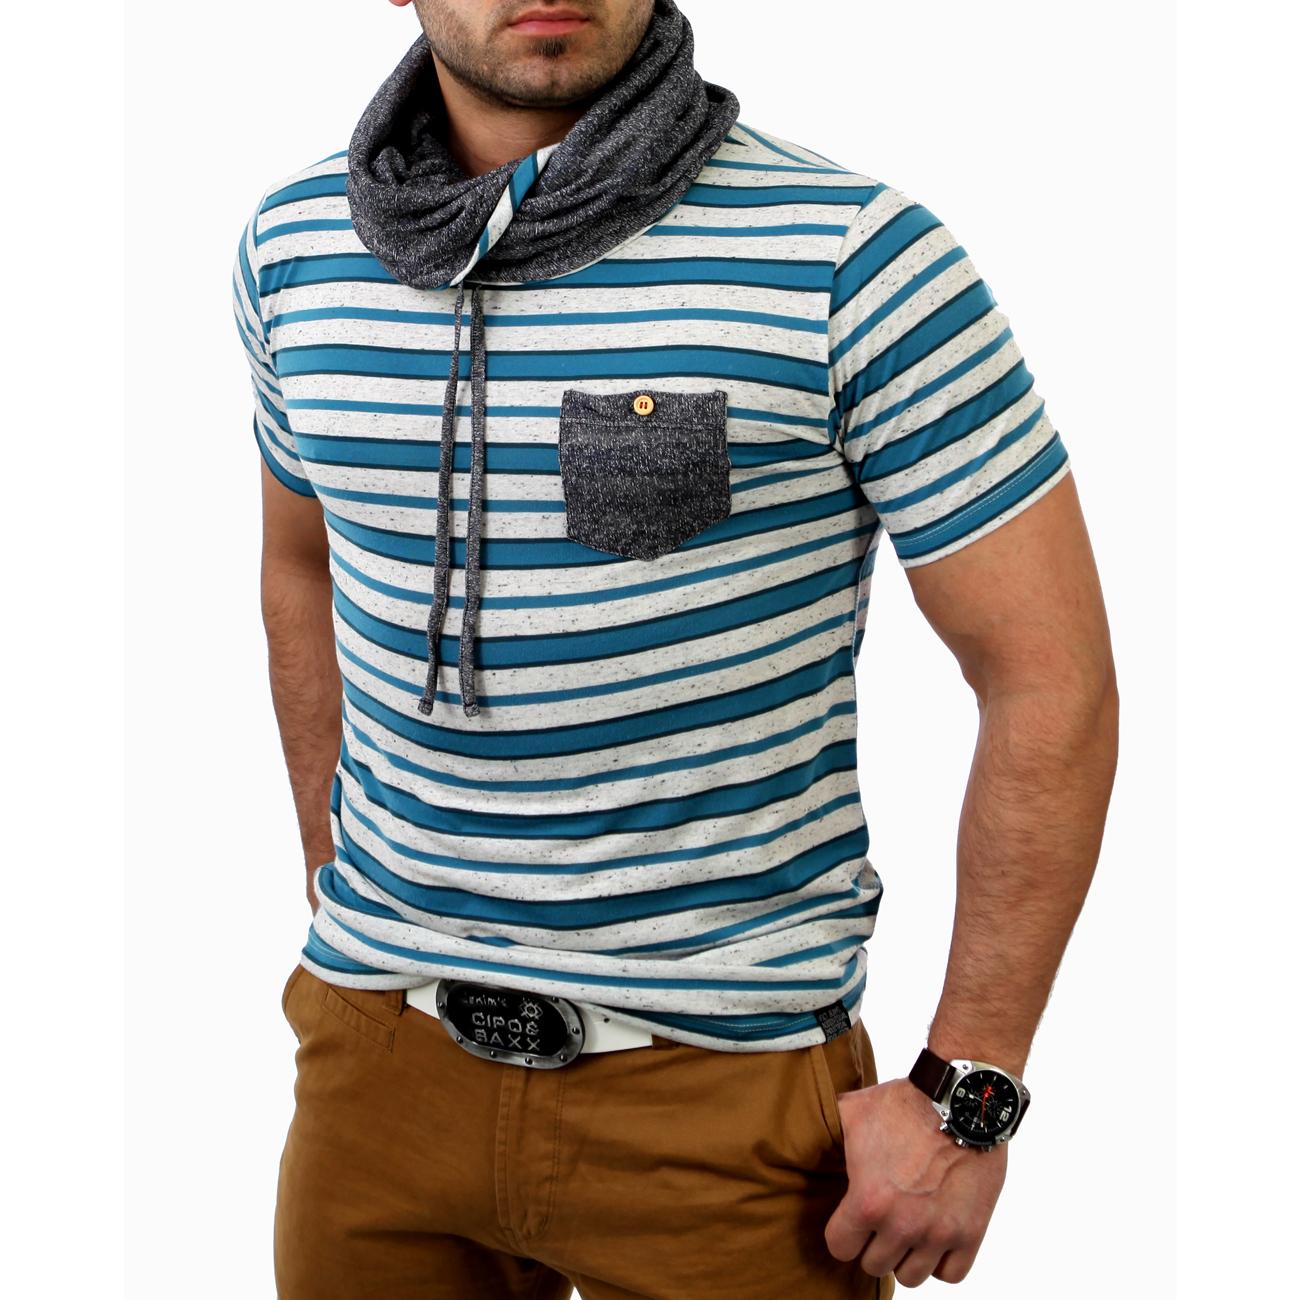 vsct herren party polo shirt club hemd hoher kragen t shirt v 5640941 neu ebay. Black Bedroom Furniture Sets. Home Design Ideas